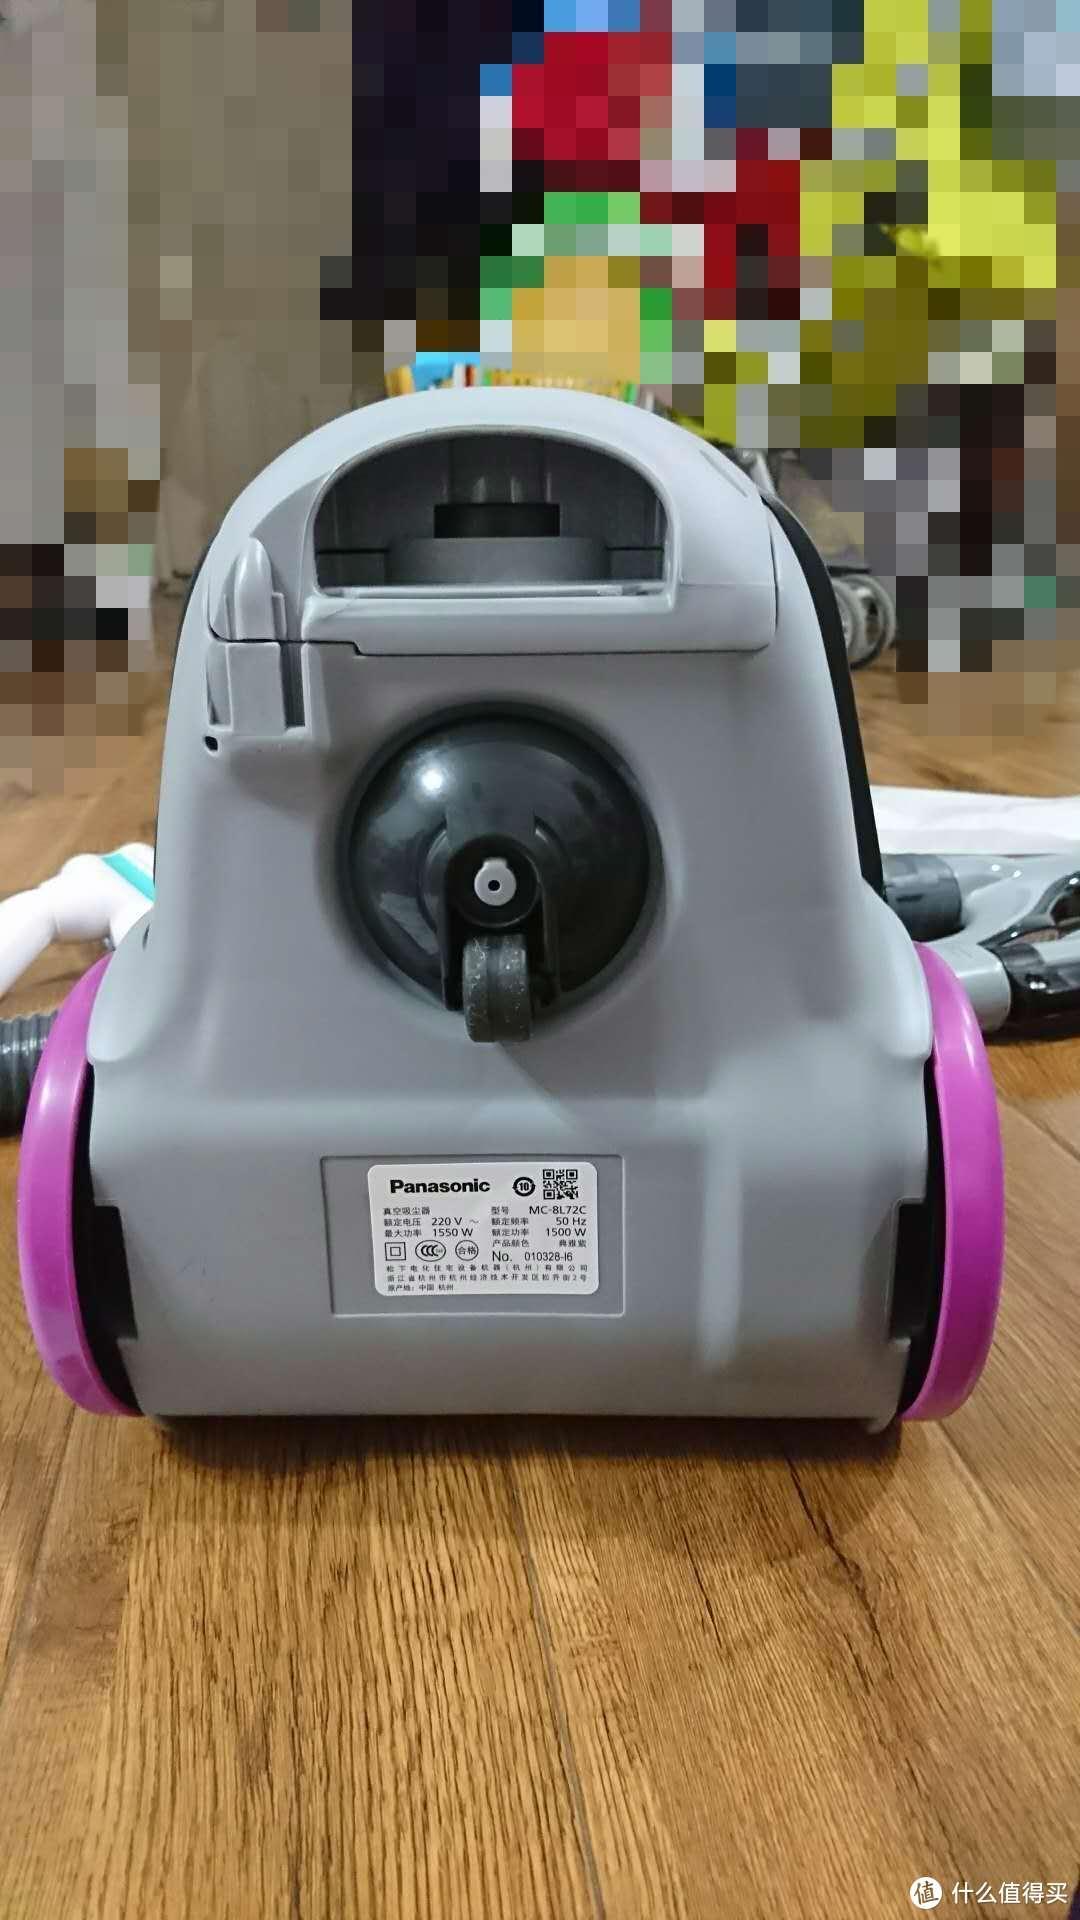 #晒单大赛#Panasonic 松下 吸尘器MC-8L72CVJ81,开箱,初体验